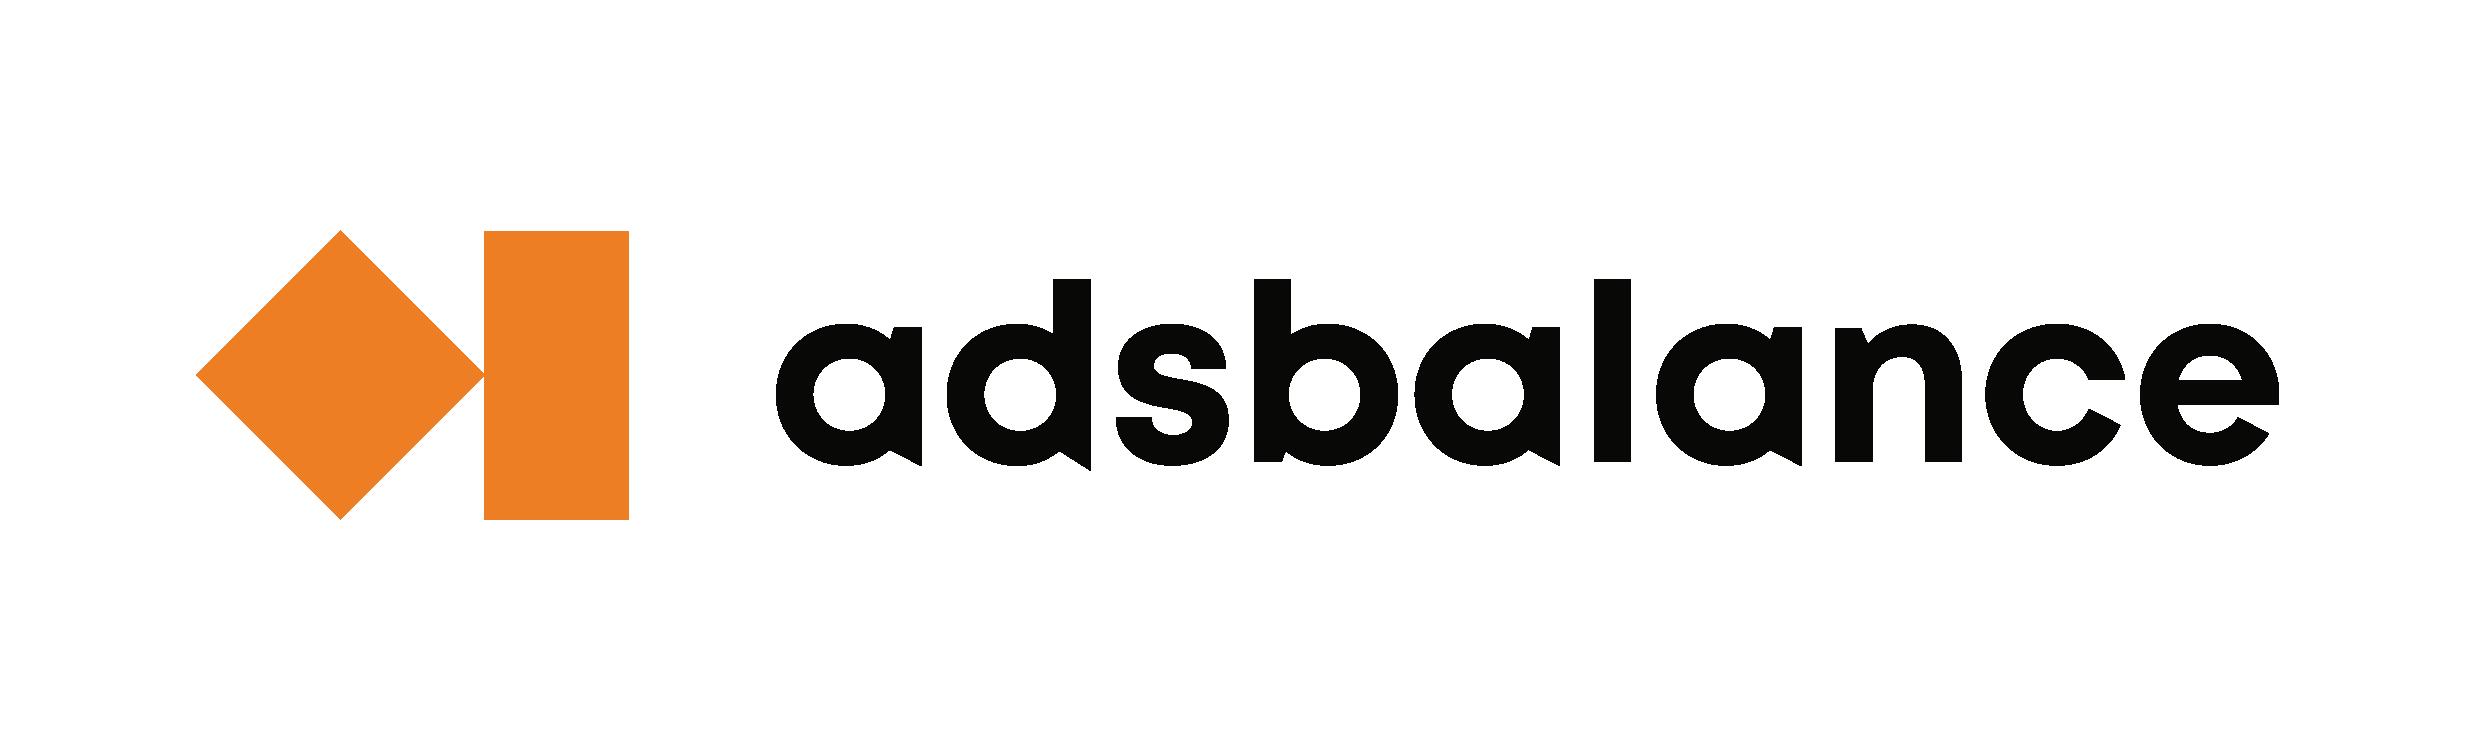 Adsbalance Logo